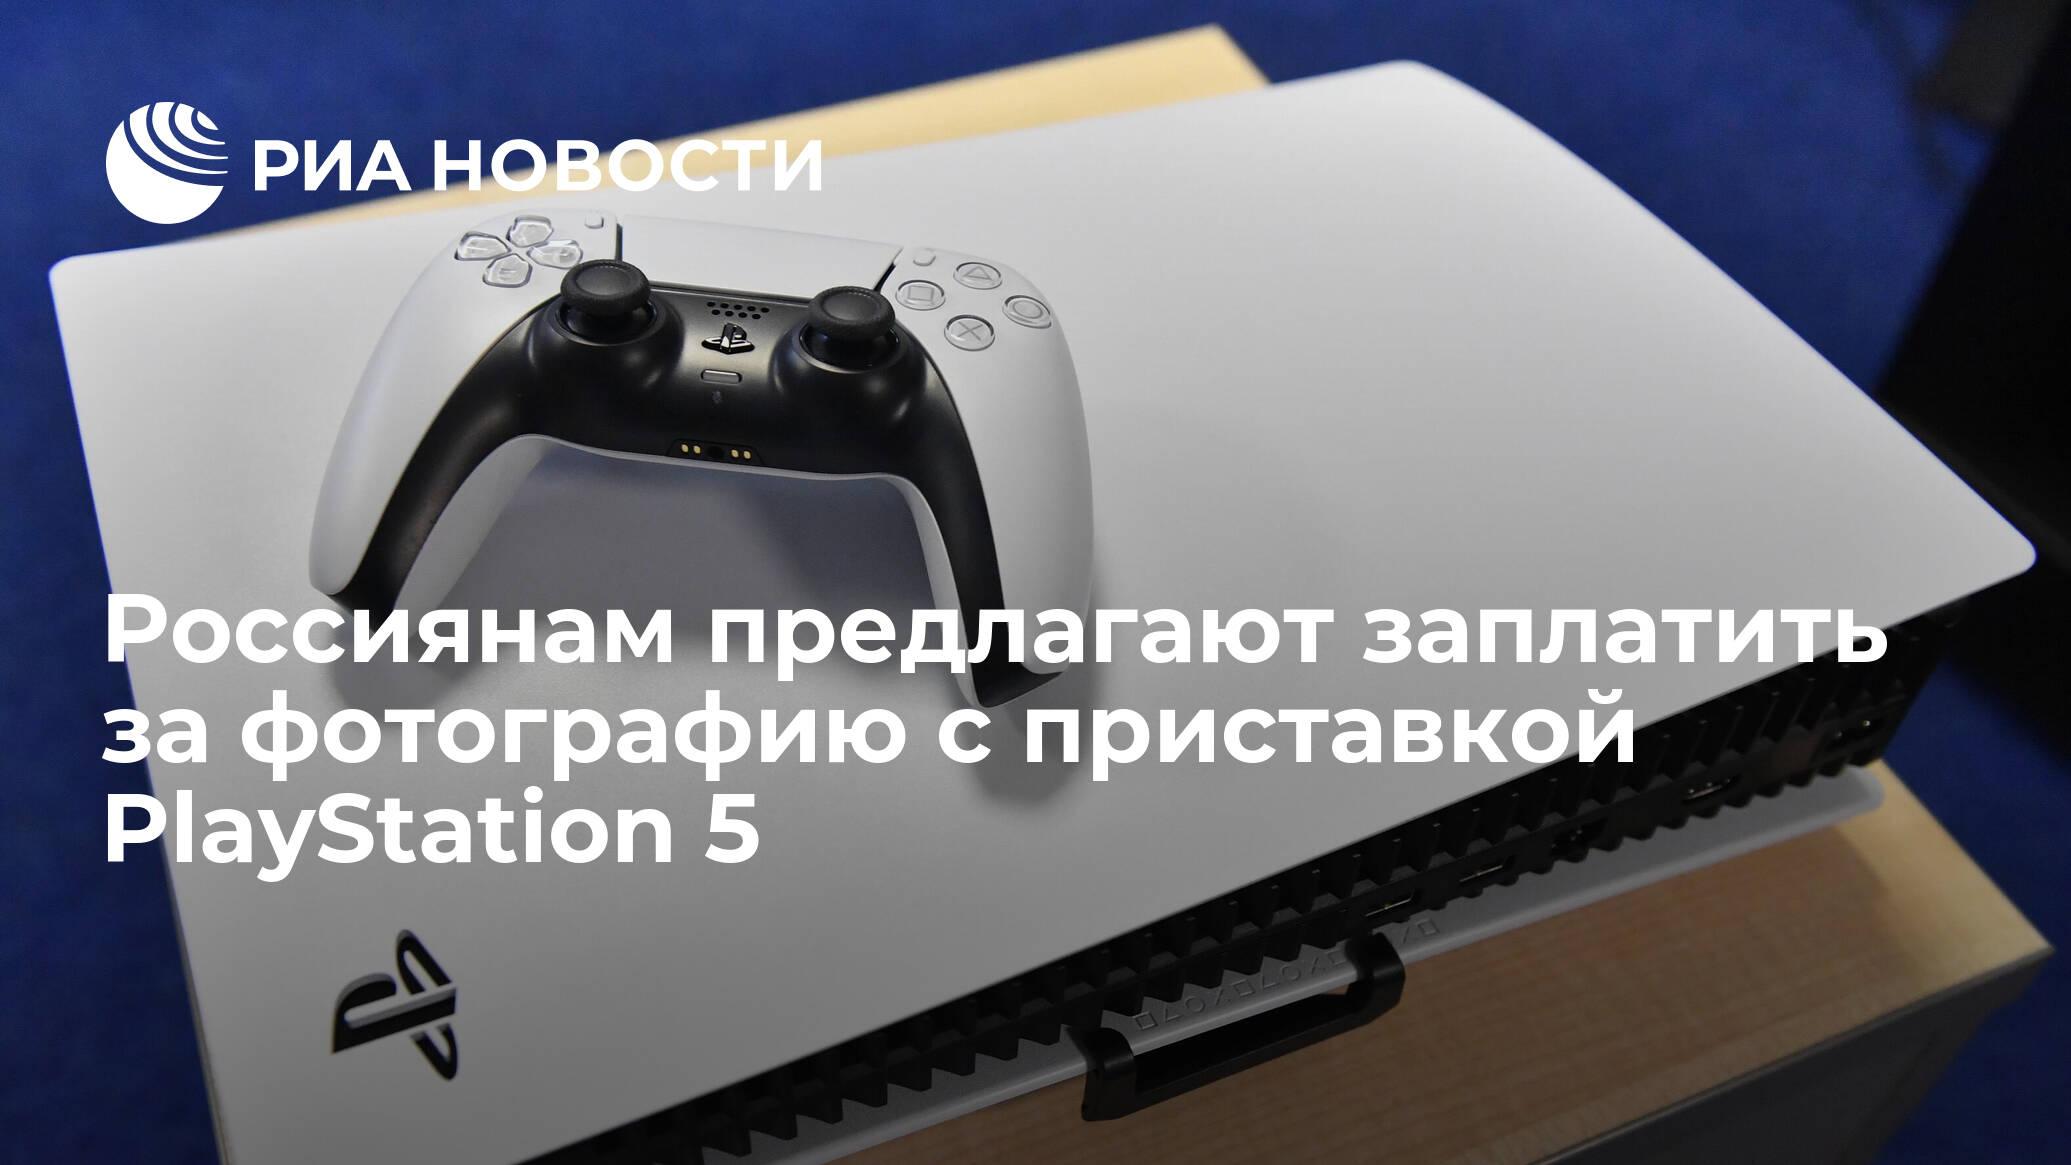 Россиянам предлагают заплатить за фотографию с приставкой PlayStation 5